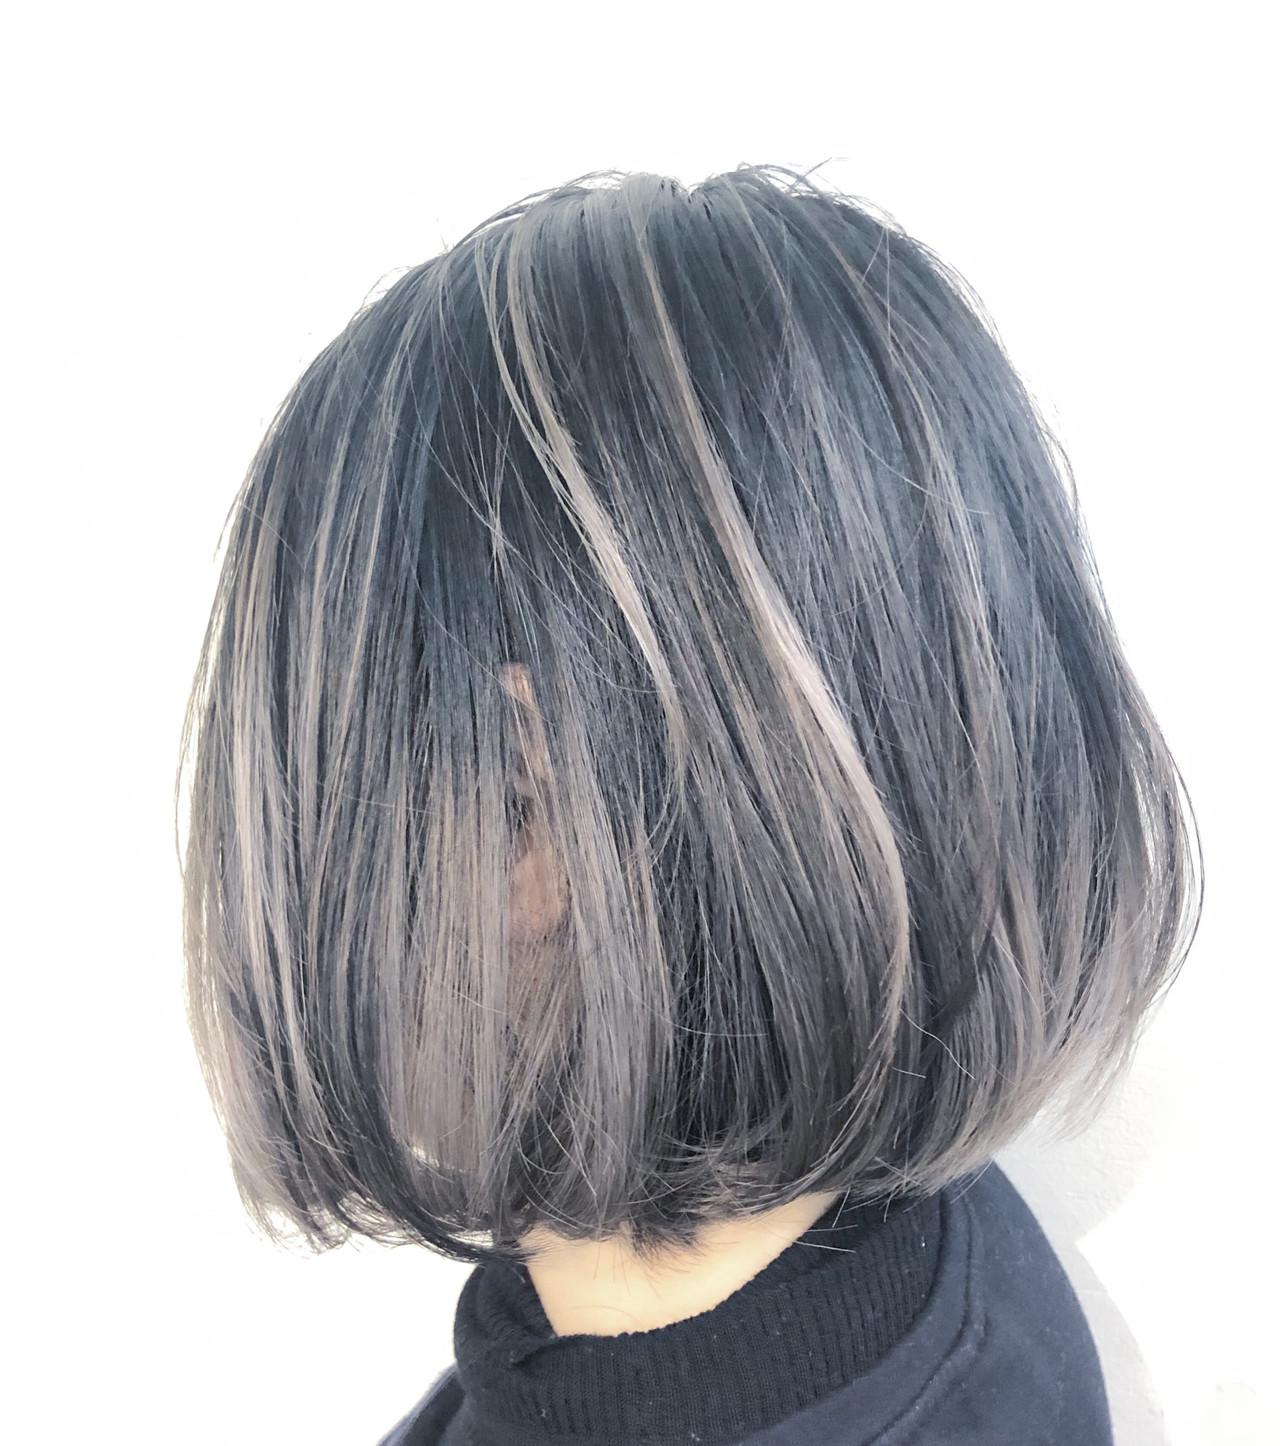 ナチュラル ハイライト バレイヤージュ グラデーションカラー ヘアスタイルや髪型の写真・画像 | RUMINA //高田ゆみこ / Rumina